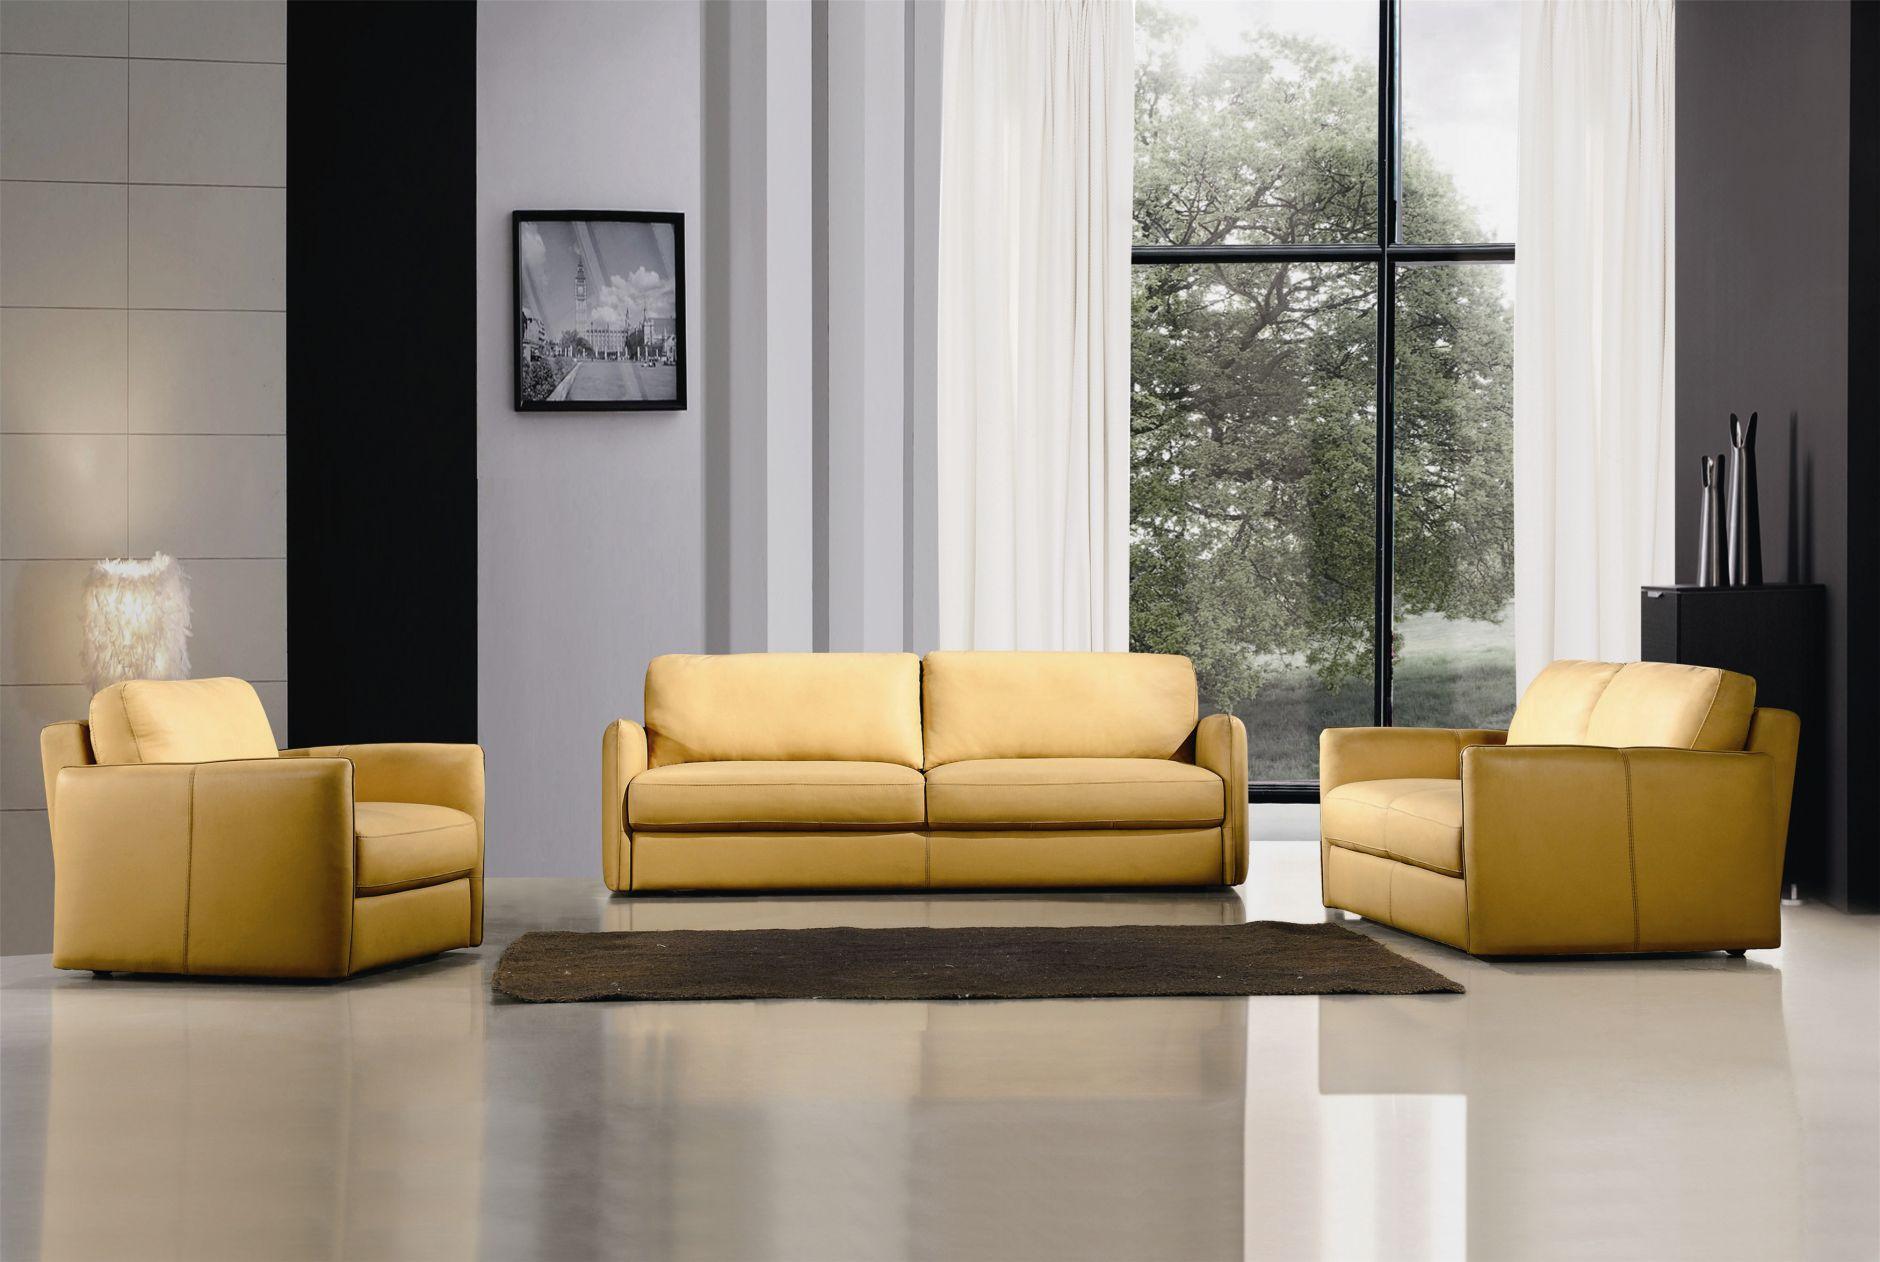 dreier sofa tolle suche couch with dreier sofa latest ein dreier sofa ein zweier und ein. Black Bedroom Furniture Sets. Home Design Ideas